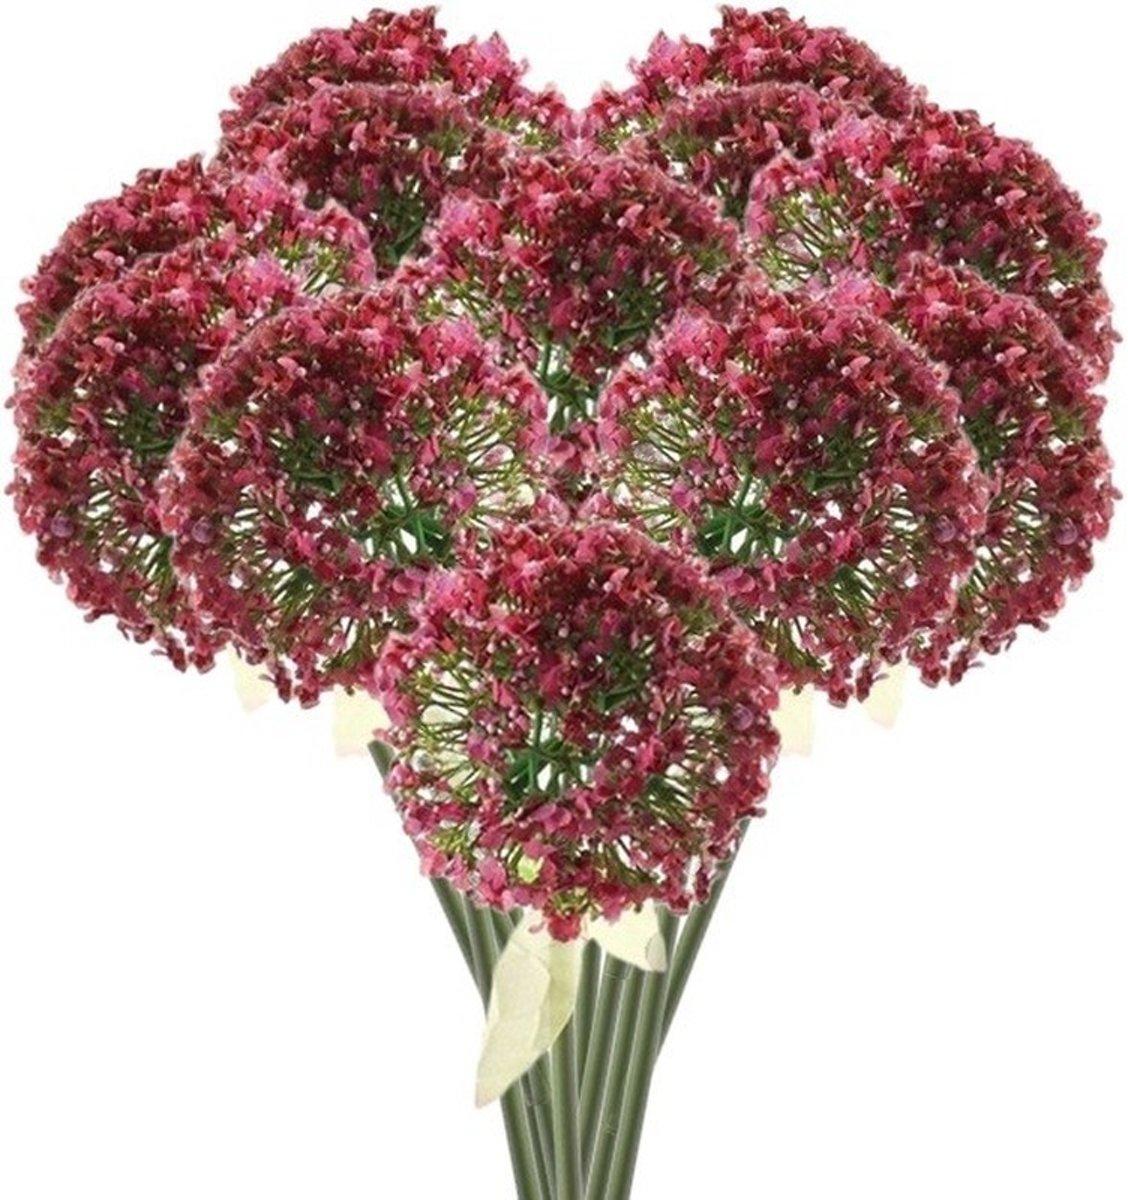 12 x Roze/paarse sierui steelbloem 70 cm - Kunstbloemen kopen